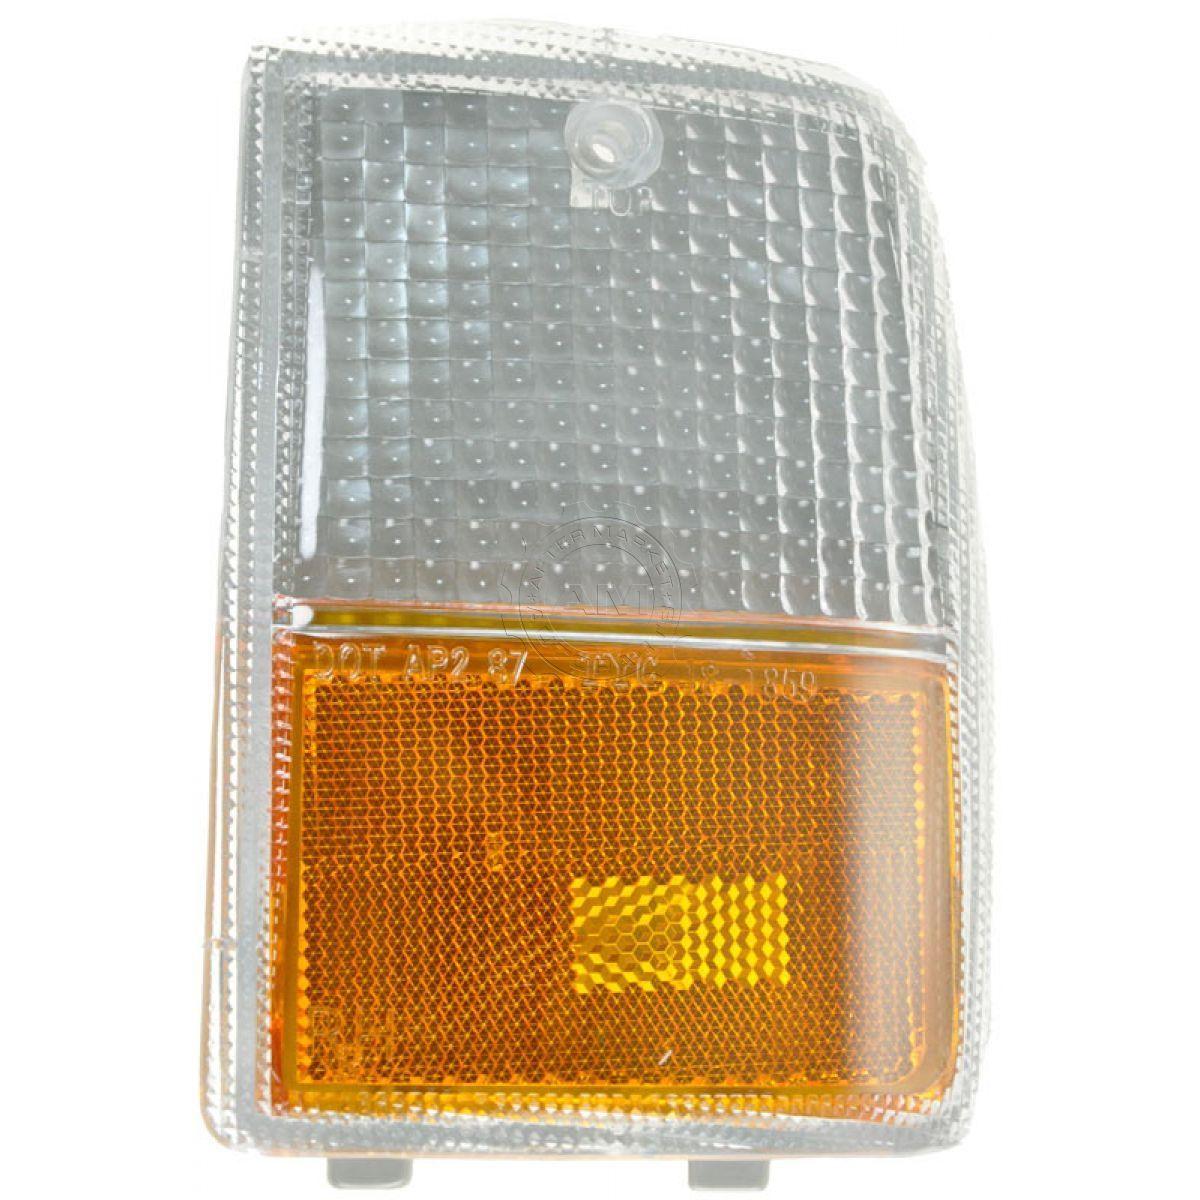 コーナーライト Side Marker Parking Turn Signal Corner Light Lamp Right for 87-90 Chevy Caprice サイドマーカーパーキングターンシグナルコーナーライトライト(87-90シボレーカプリス用)